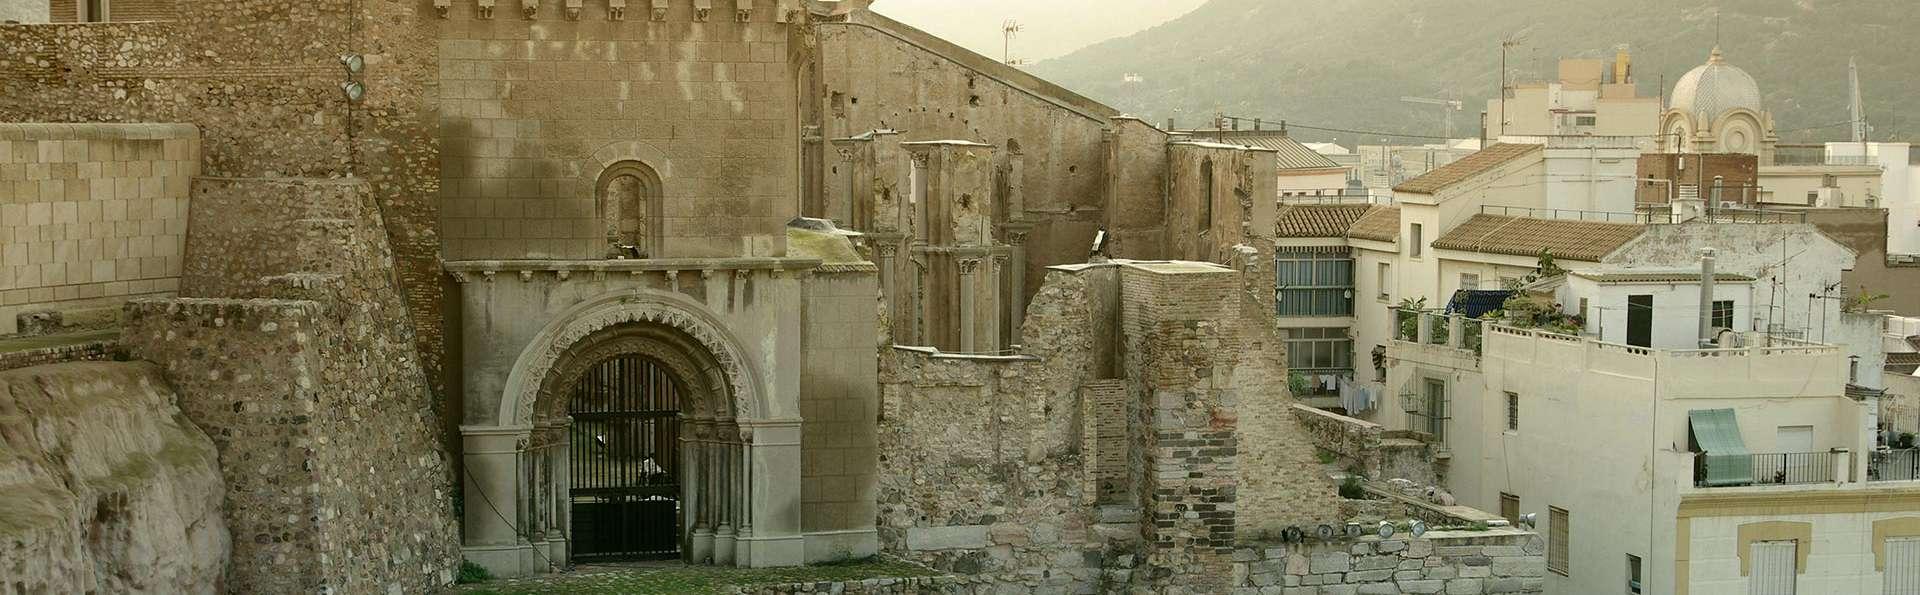 Escapada cultural: descubre el legado monumental del Imperio romano de Cartagena